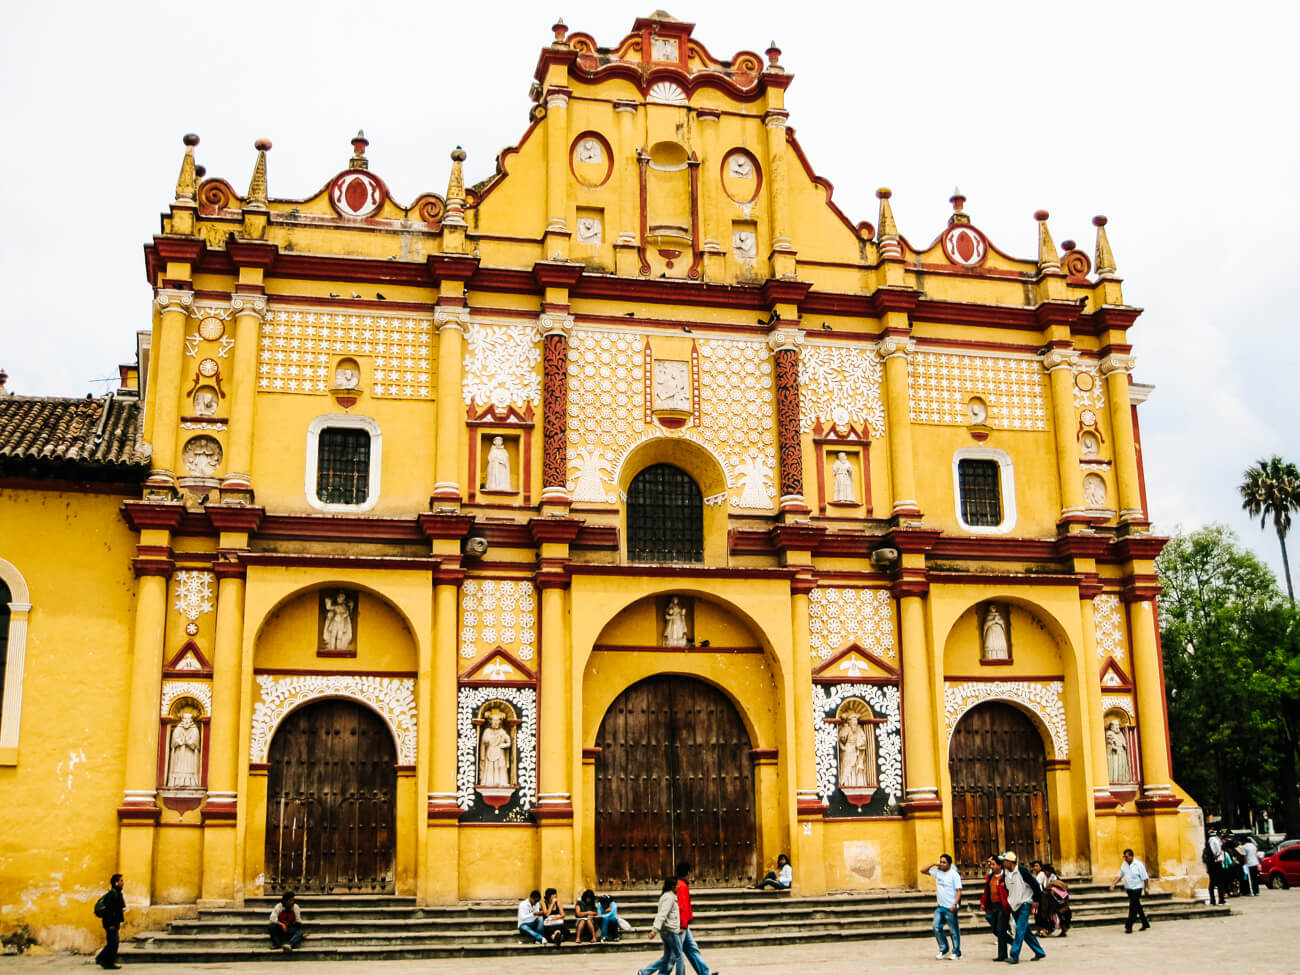 gele kerk in San cristobal de las casas, bergdorpje in Chiapas Mexico, een van de top bezienswaardigheden